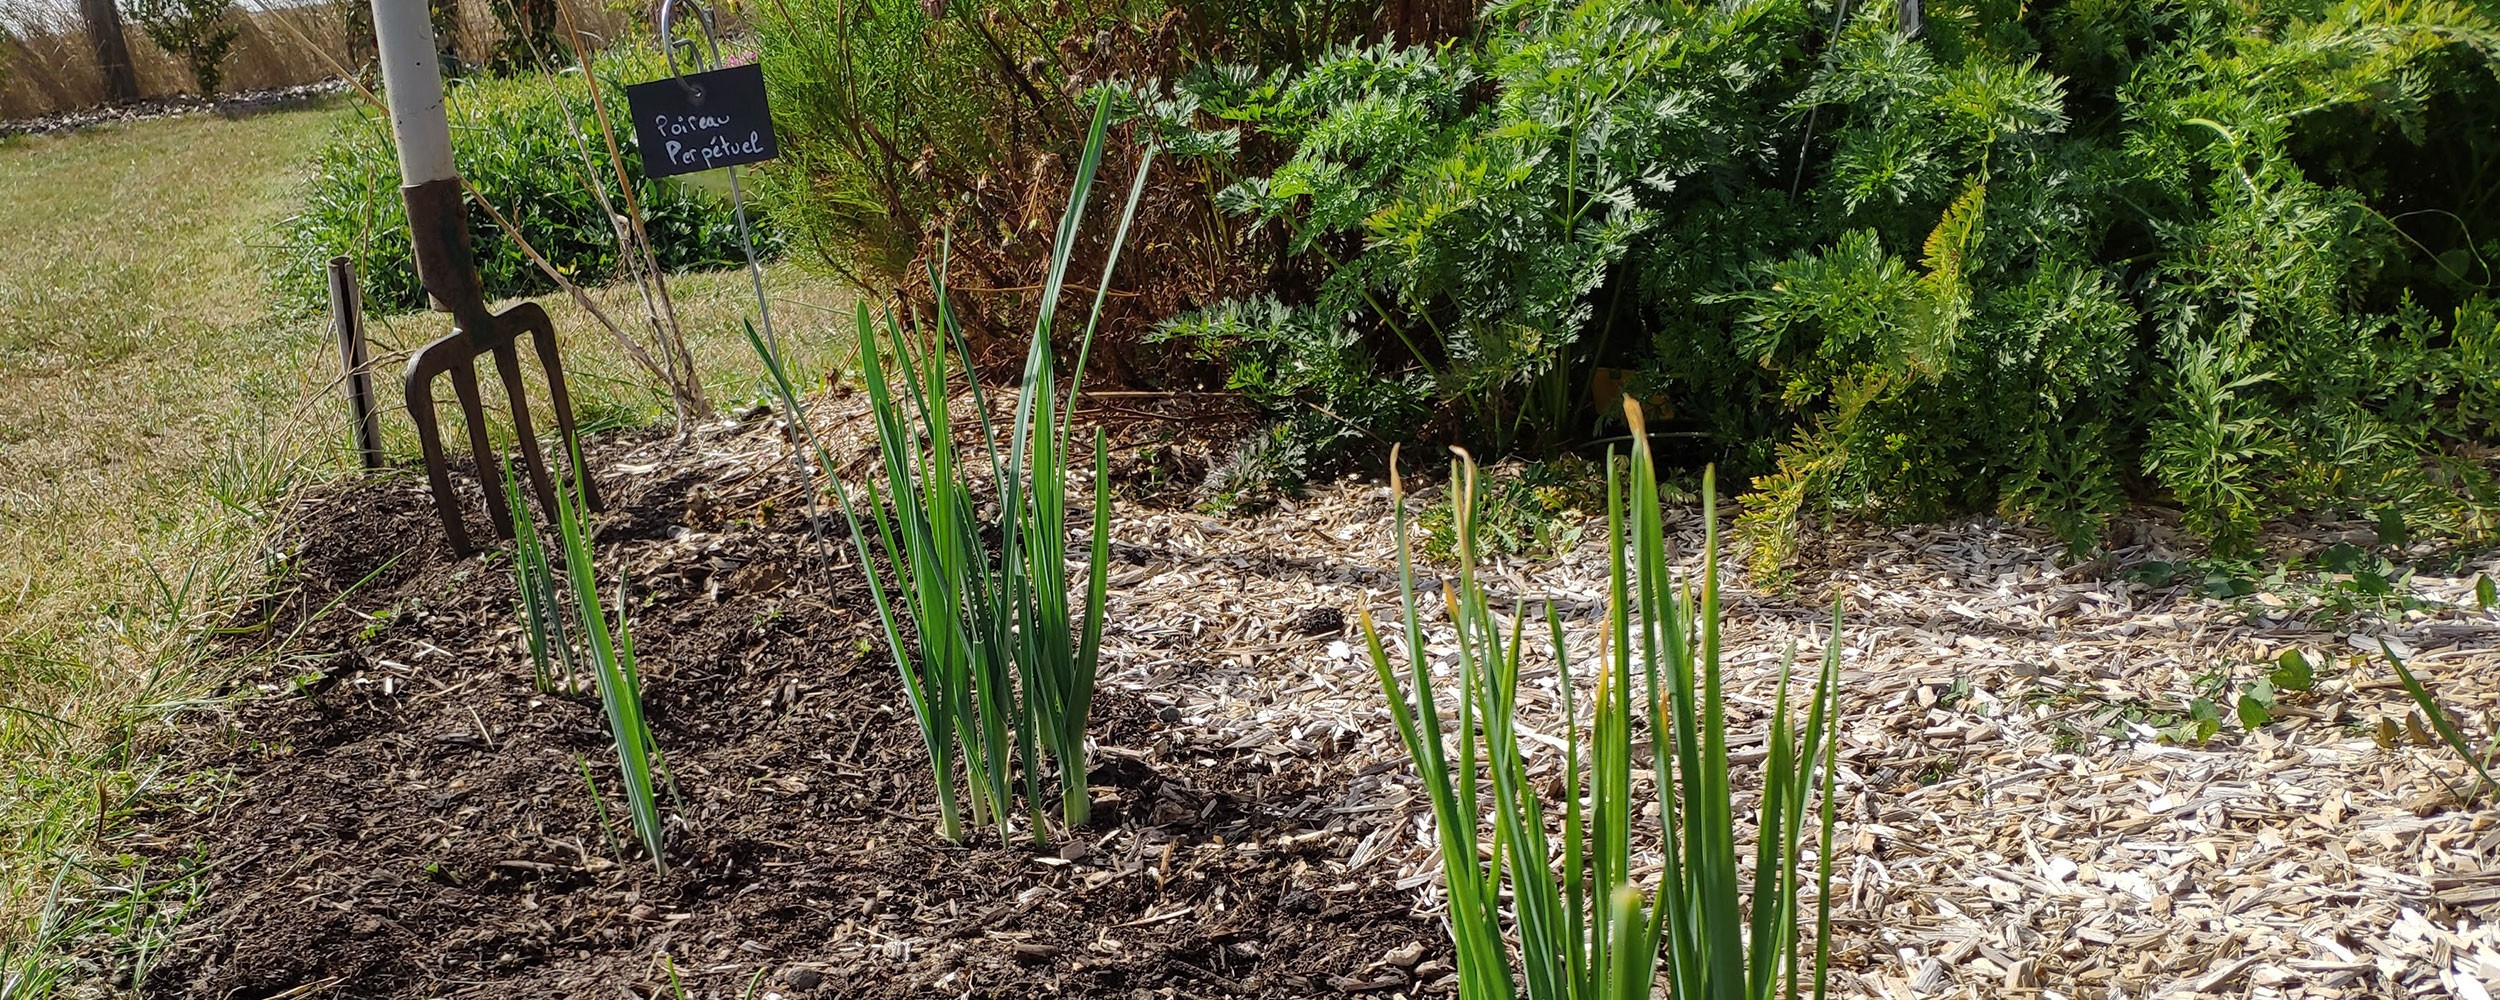 Poireau perpétuel : mettez les au jardin !